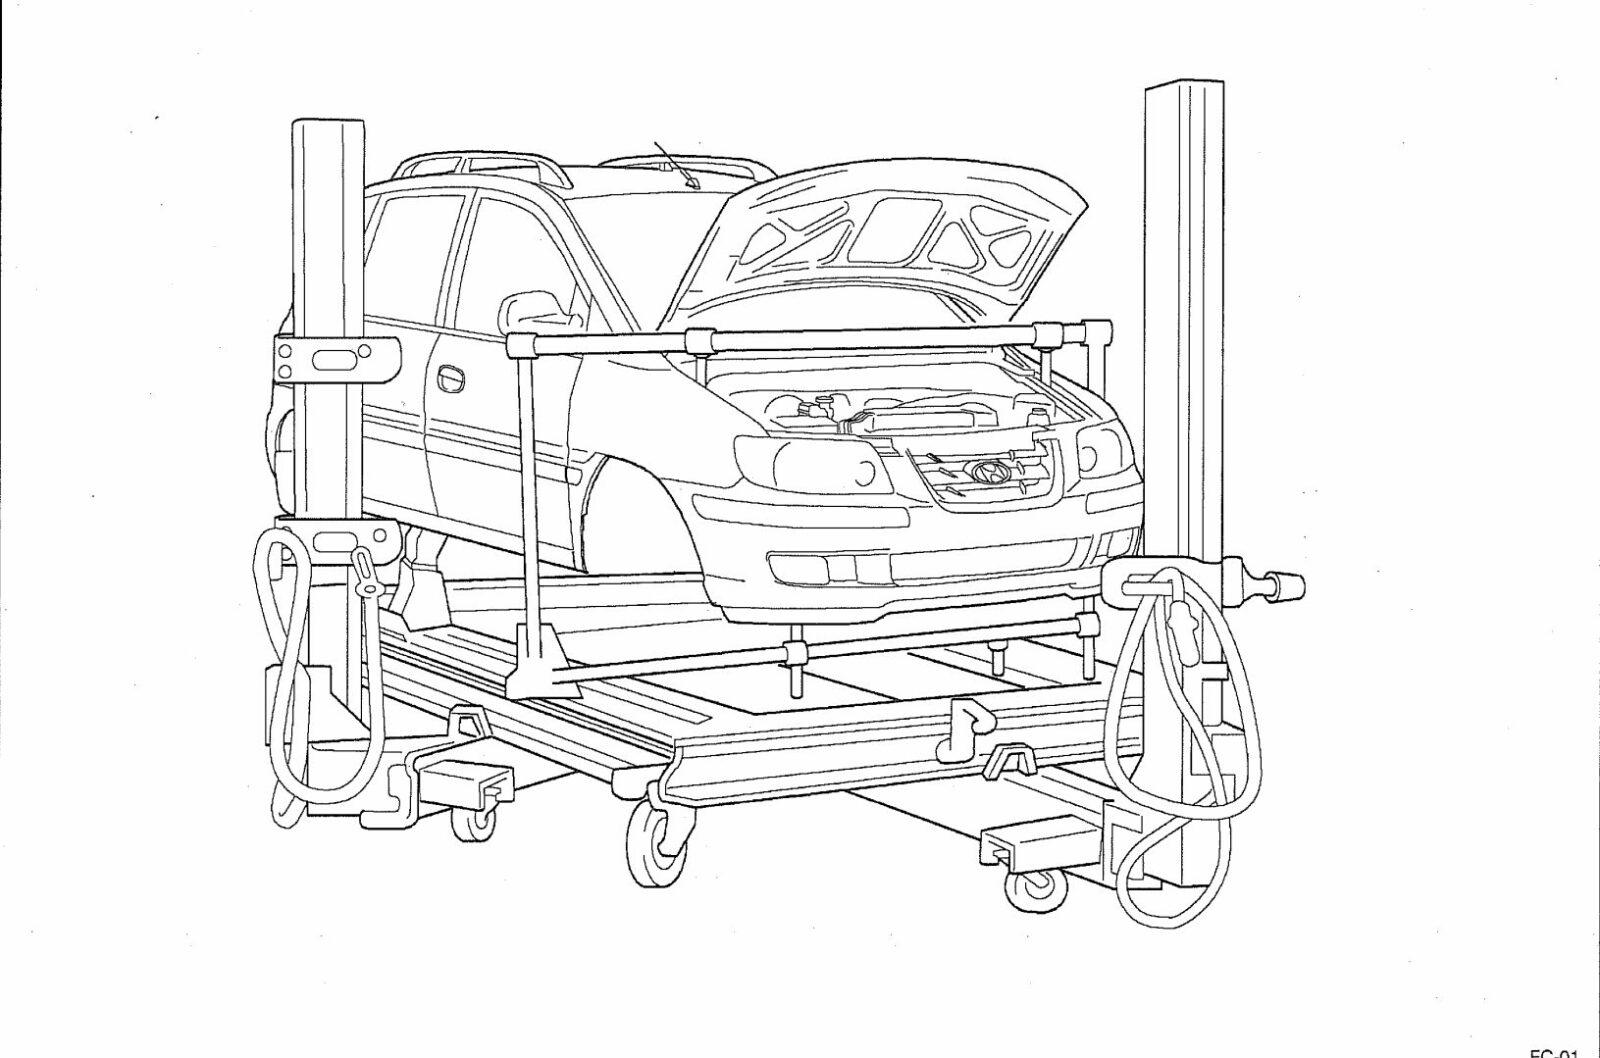 Hyundai Matrix Body Repair Manual